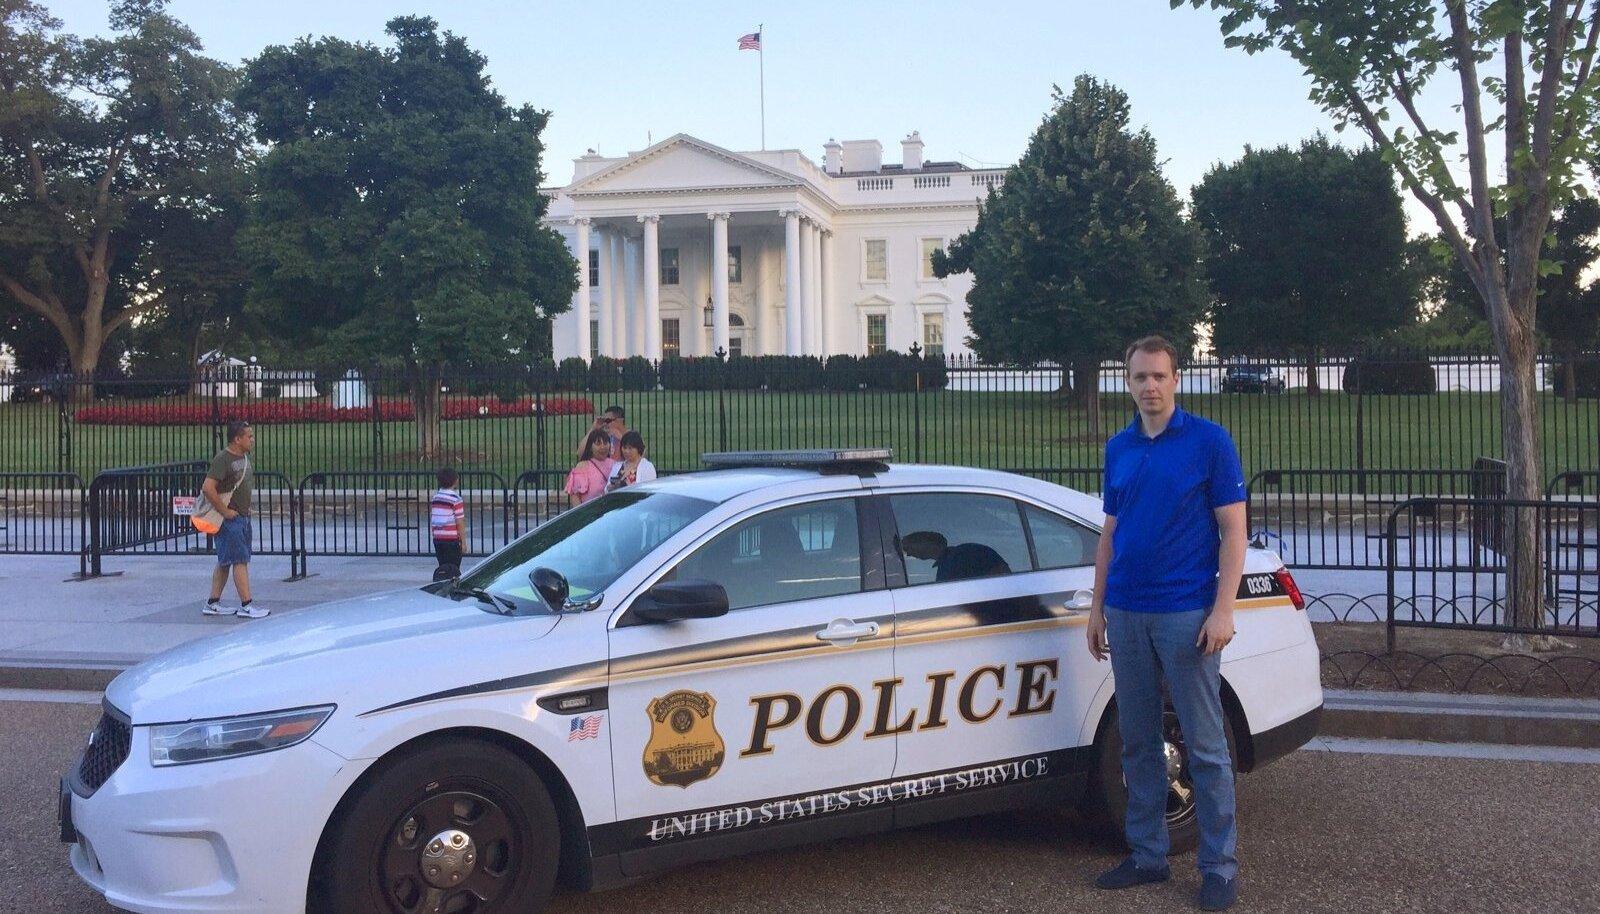 RISTI EES: Just nii kaugele Valgest Majast pääsesin Washingtonis enne, kui salateenistus mu tee ära lõikas.